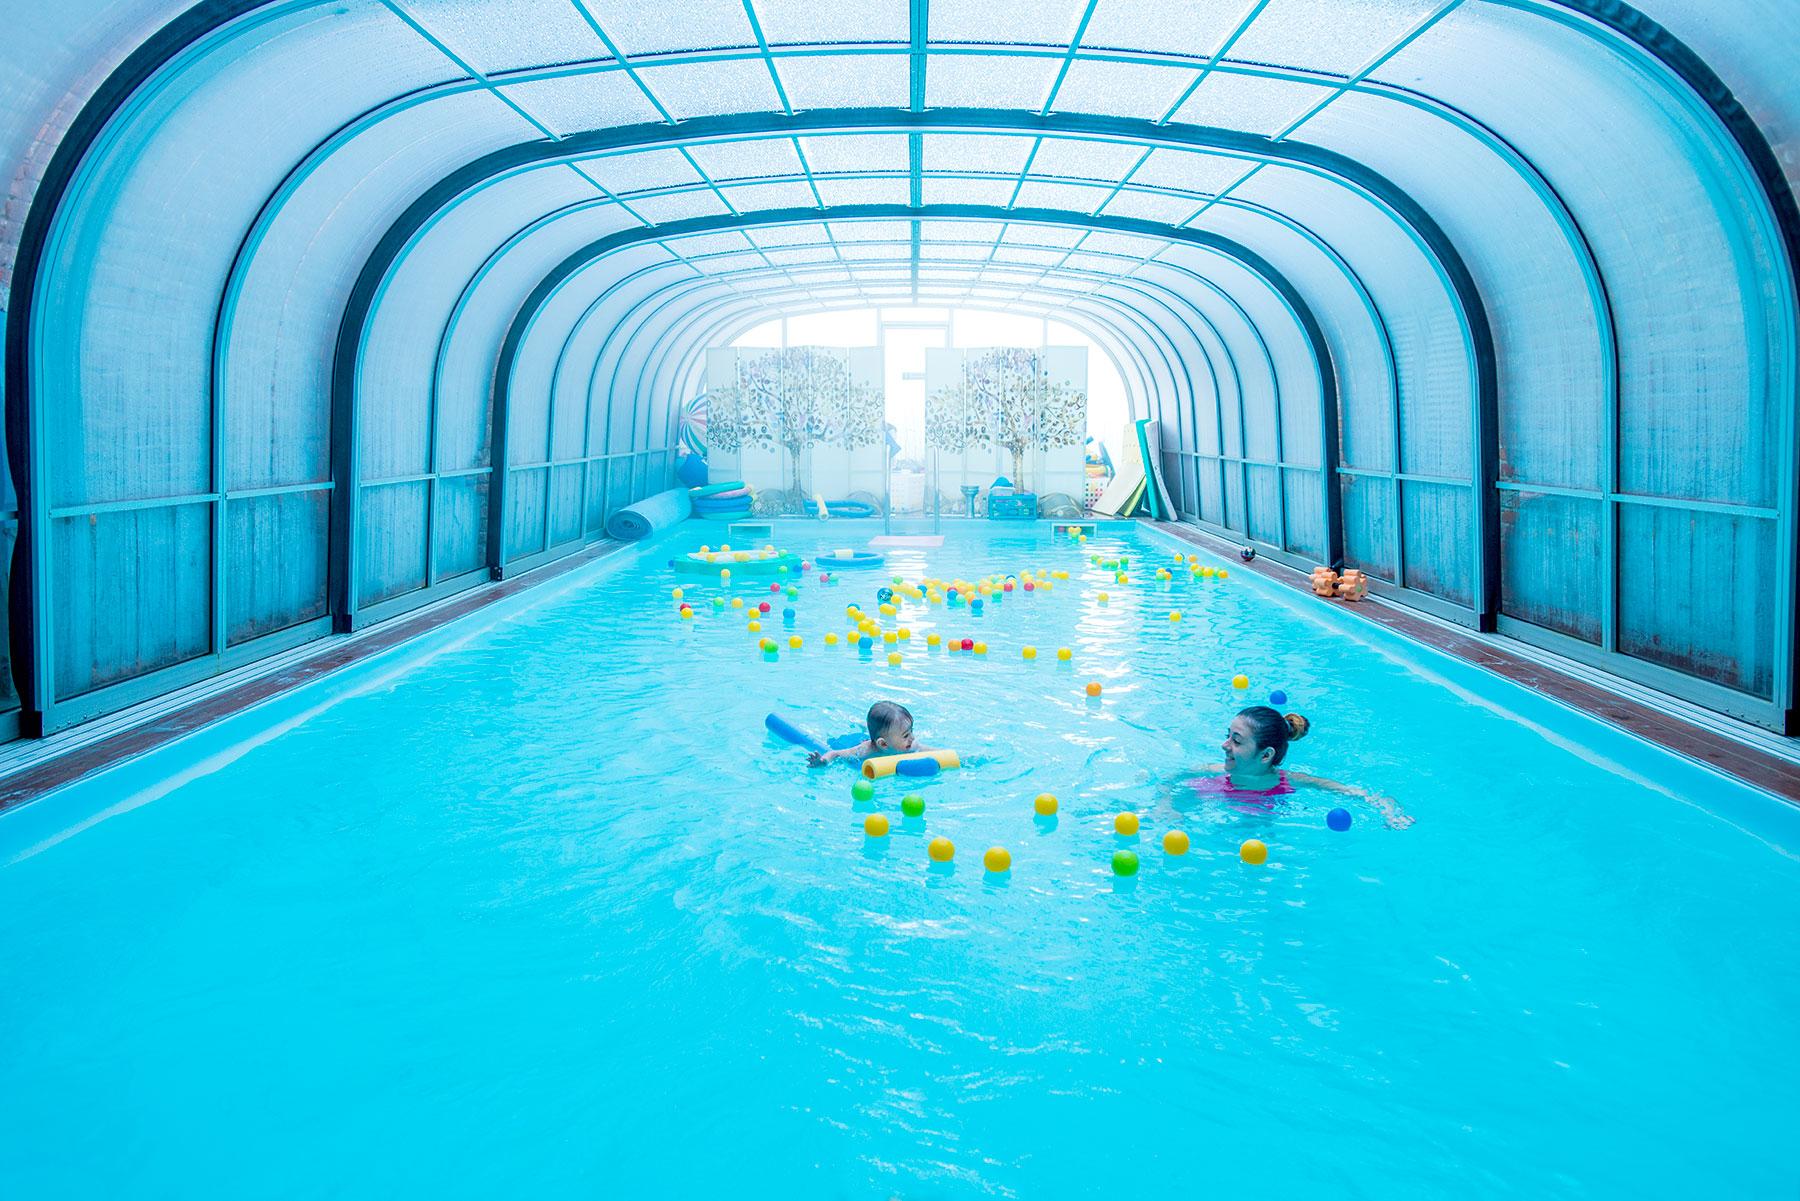 Piscina il mulino del benessere - Corsie per piscine ...